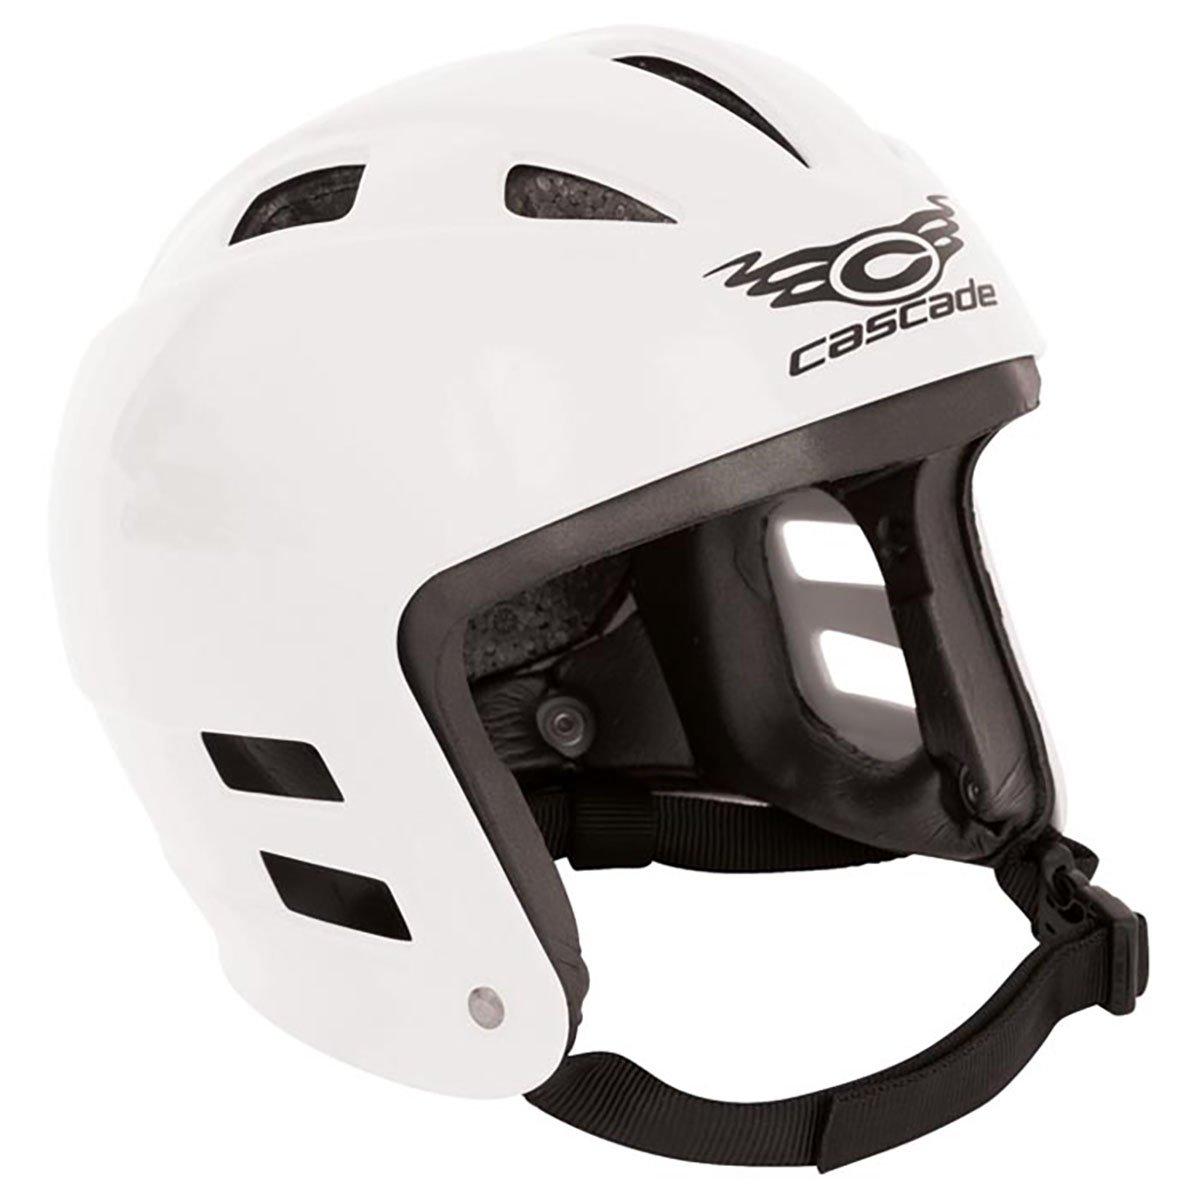 驚きの価格 フル耳ヘルメットサイズ:完了 Extra White B001OPMLNO White Large Extra Large, WEDNESCO.,LTD:515286b9 --- a0267596.xsph.ru